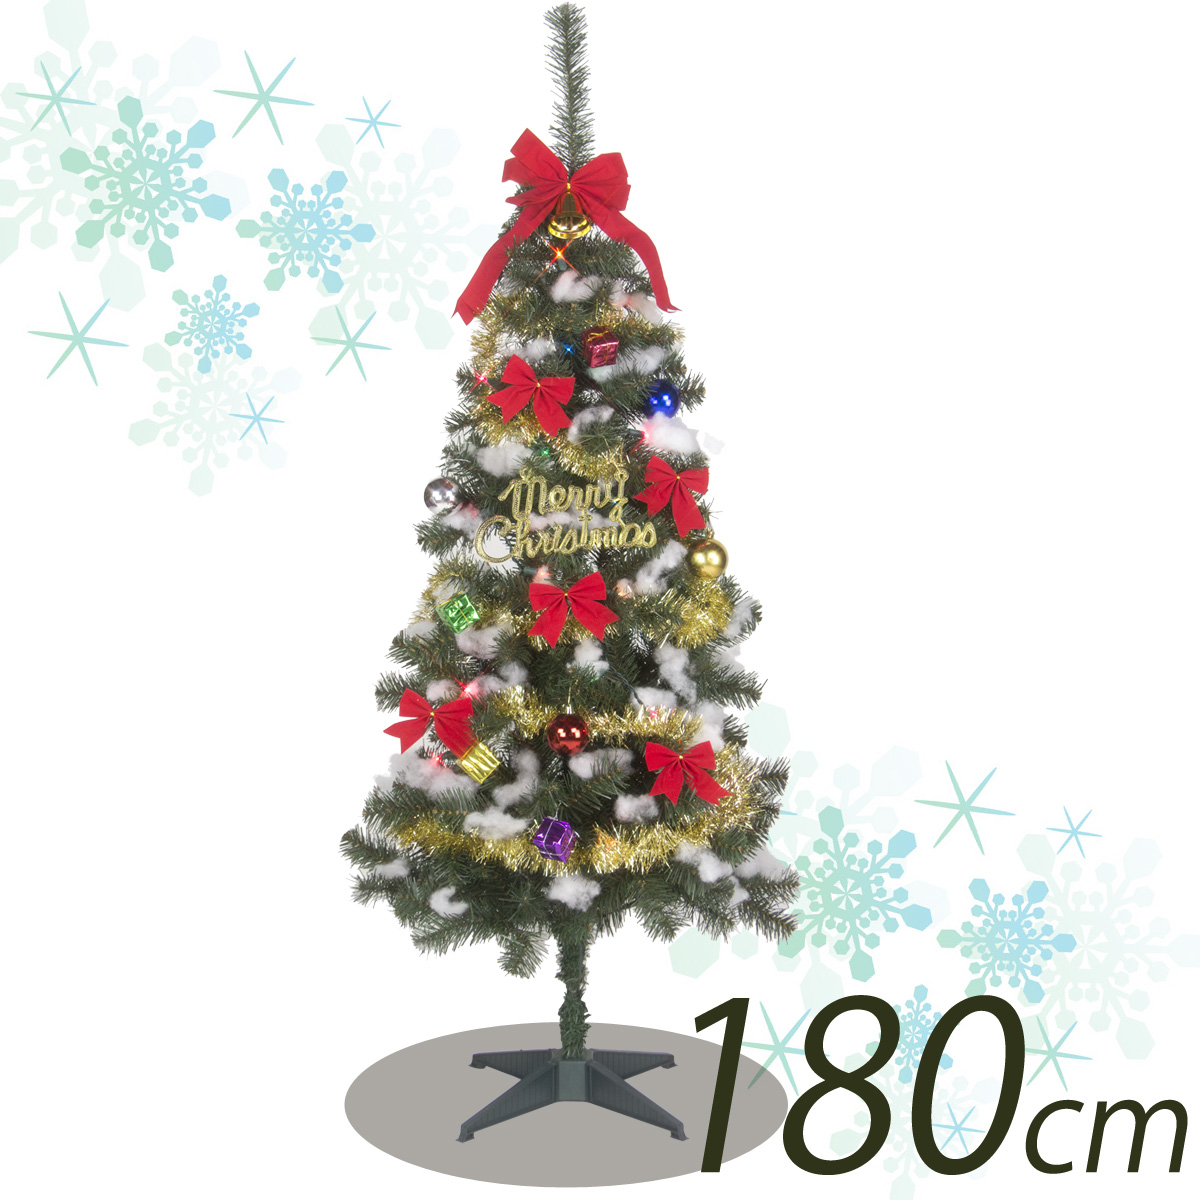 【クーポン使用で10%OFF対象商品】 クリスマスツリー セット 180cm セットツリー 多分割型 グリーン オーナメント付き 北欧 おしゃれ